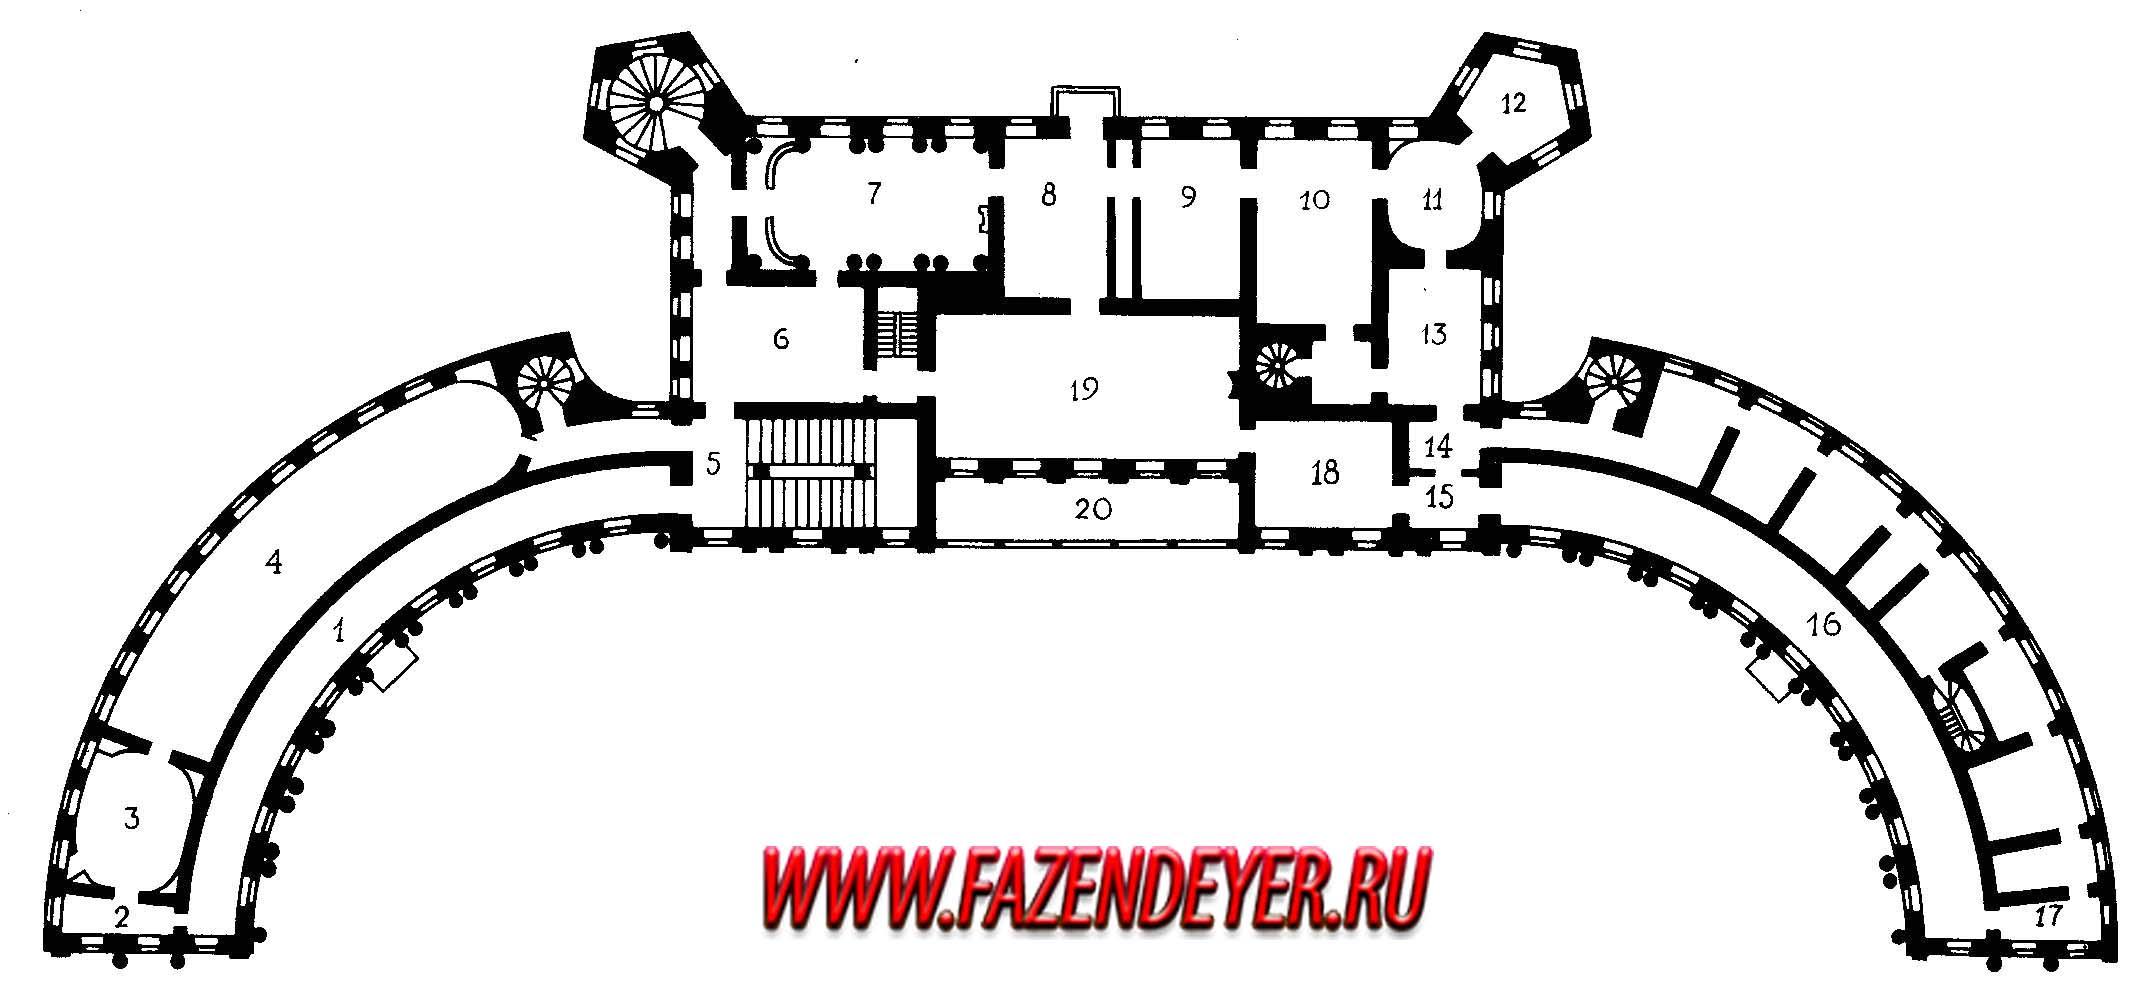 Гатчинский дворец схема внешнего строения